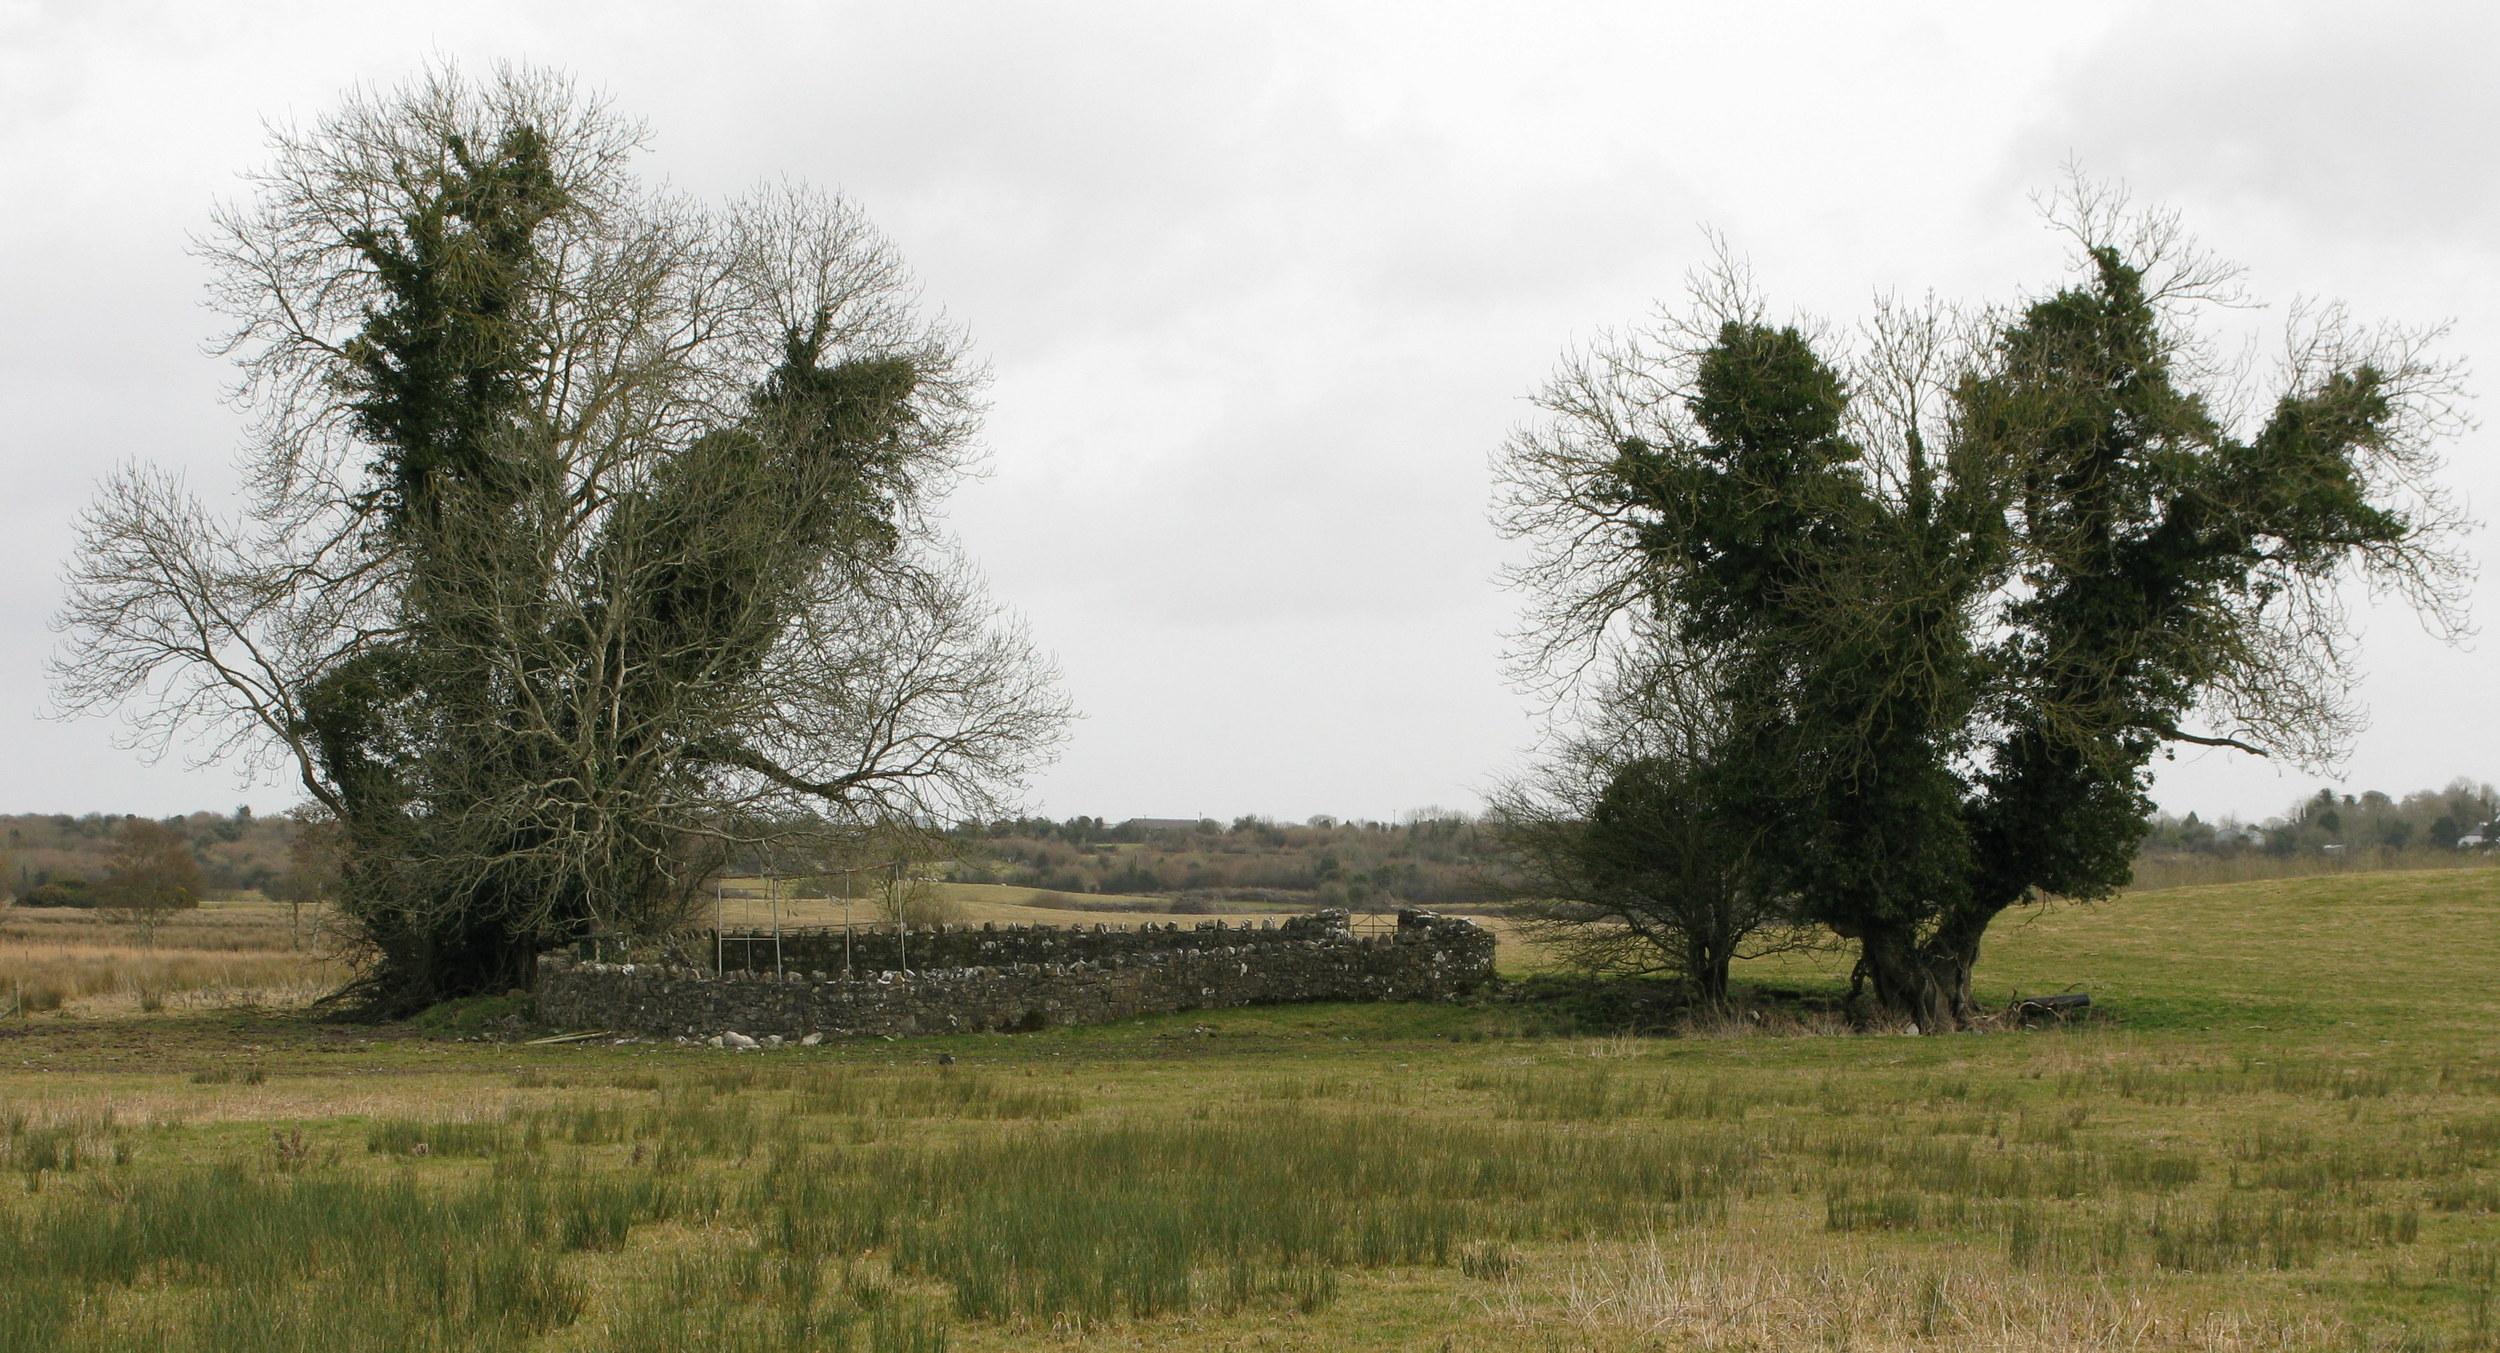 10. St. Johms Well, County Roscommon. Indhegnet på en mark. Næsten udtørret.